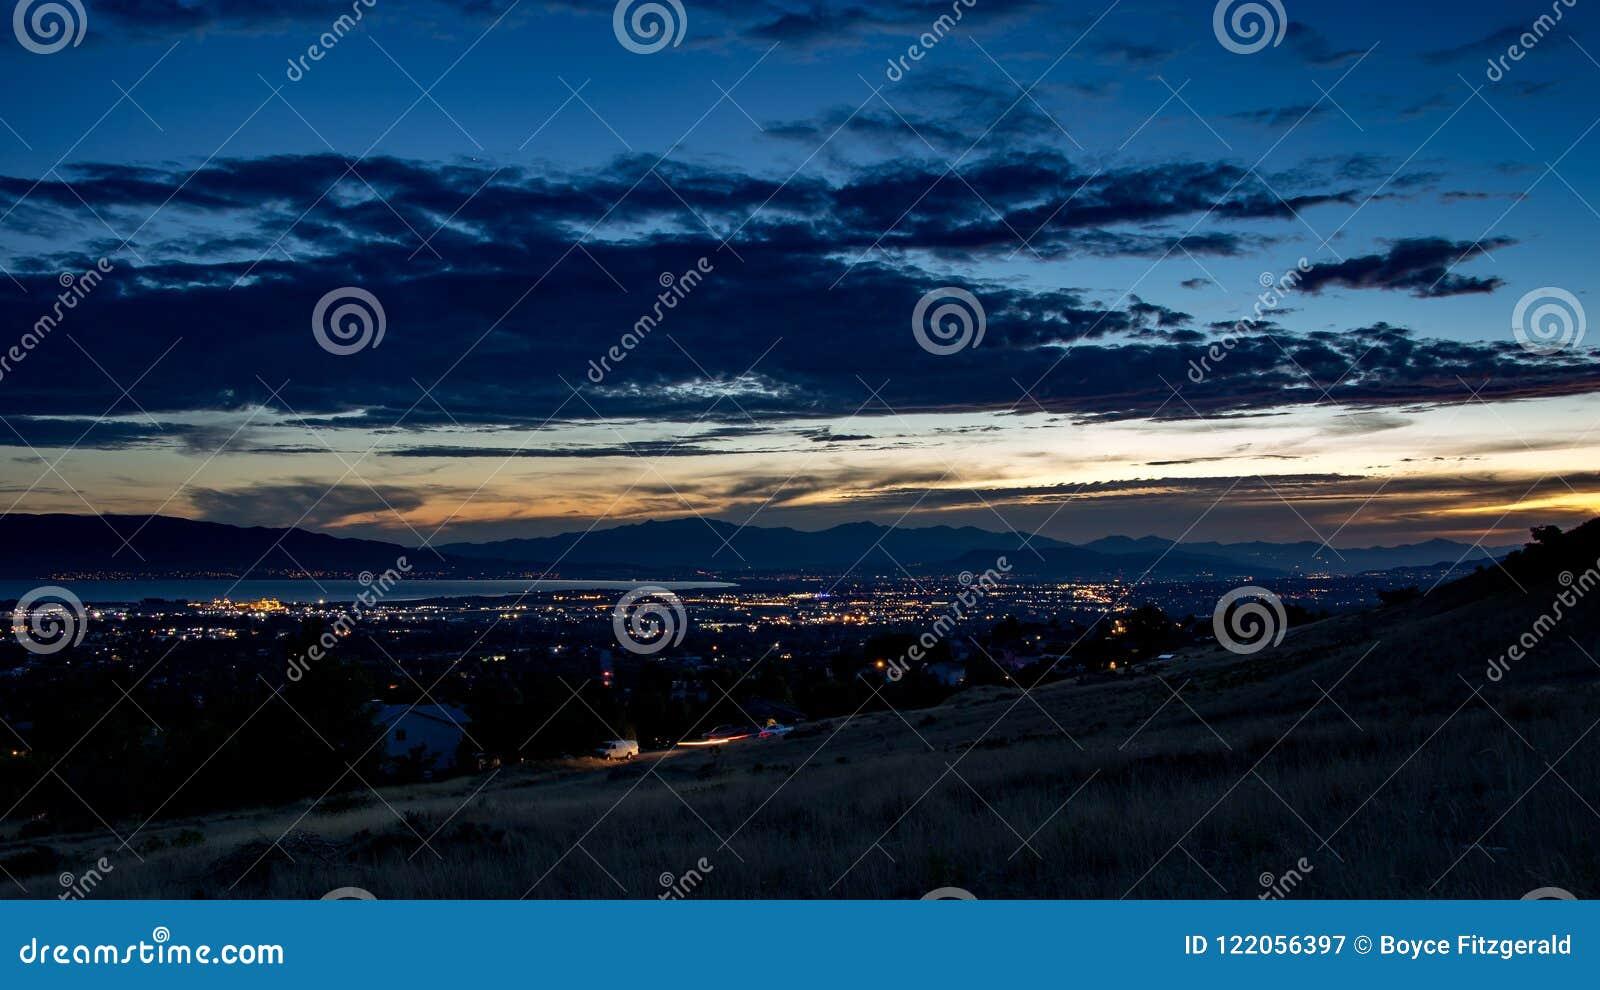 La oscuridad baja sobre una ciudad soñolienta en un valle con las montañas y un lago en el fondo